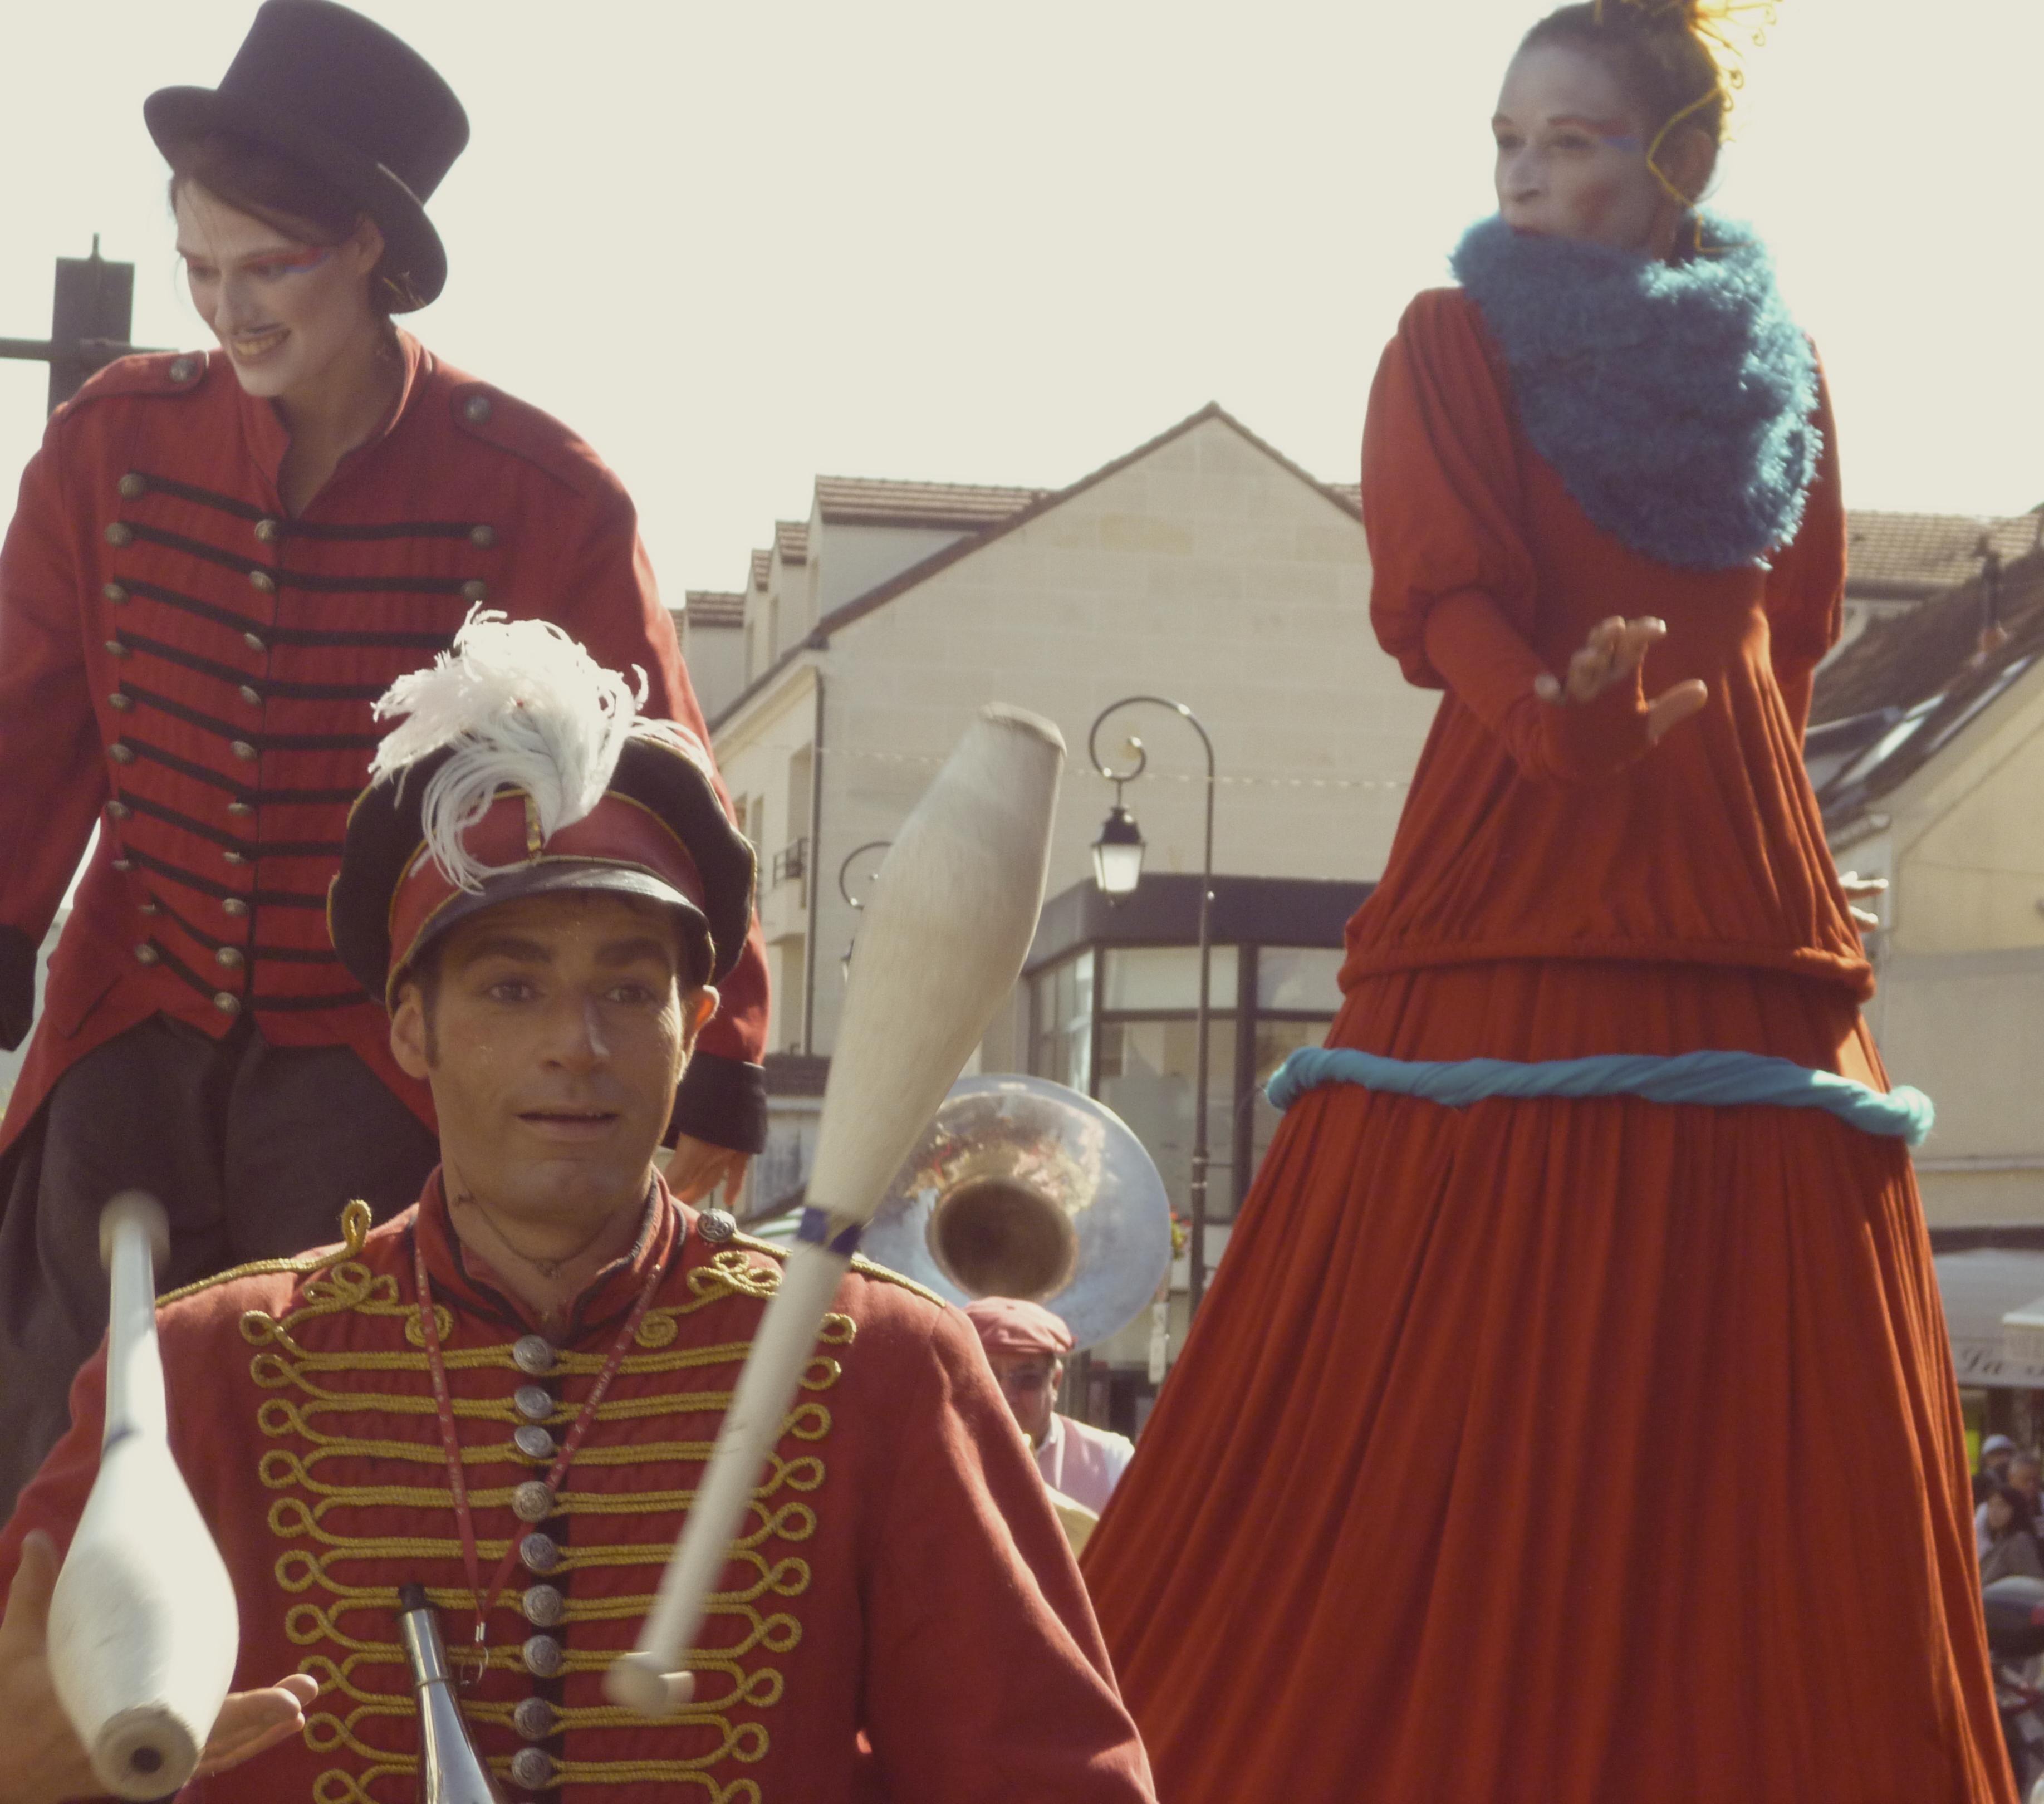 Frieda BK, Noliv', & Johanna Rebolledo - Echasses, monocycle, jonglage